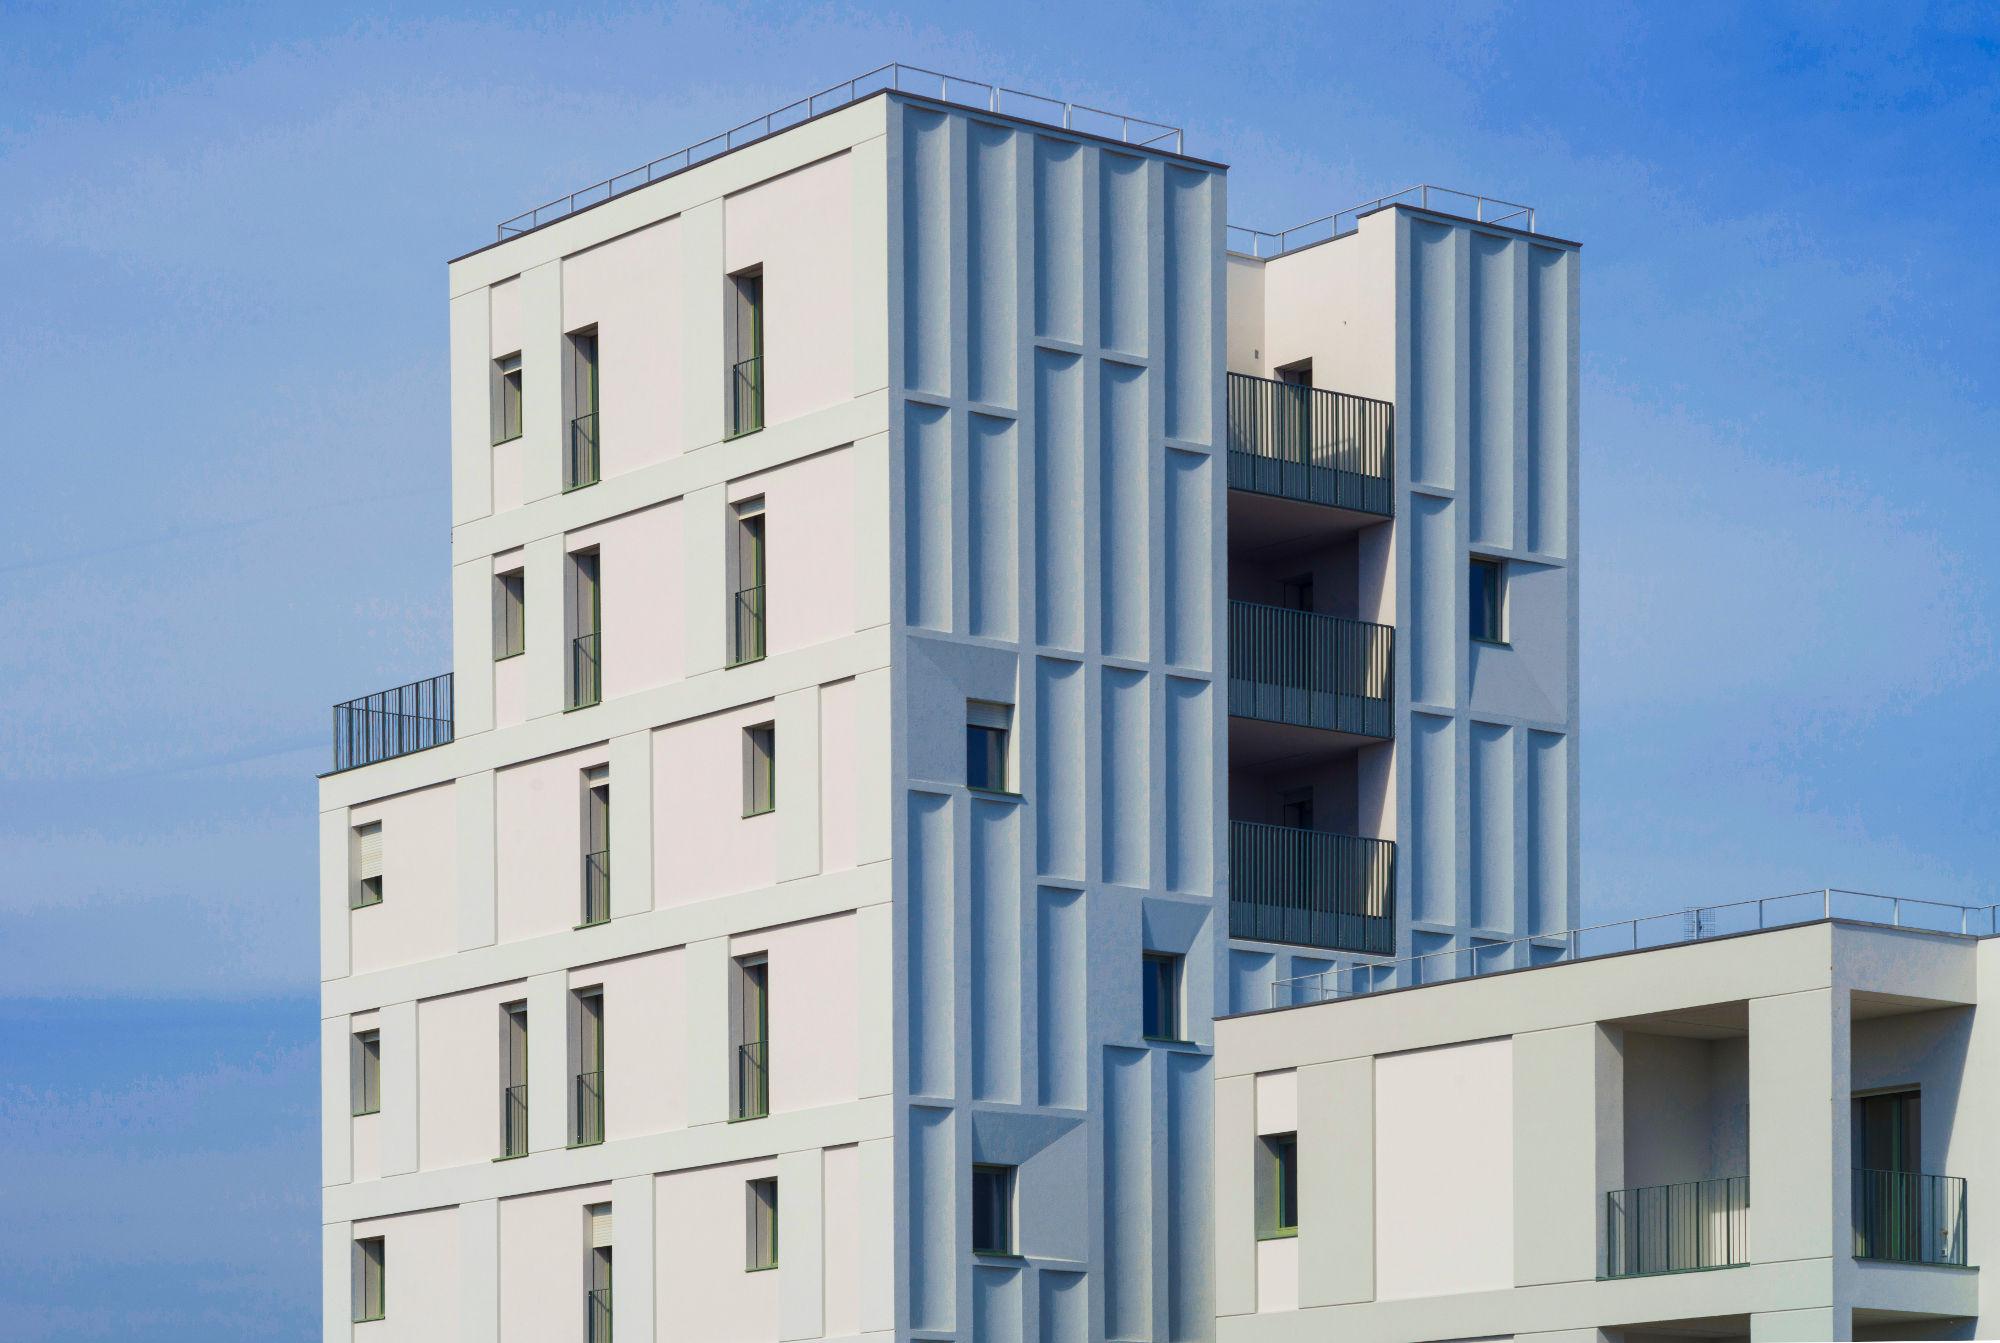 Nuovo edificio residenziale - image 3